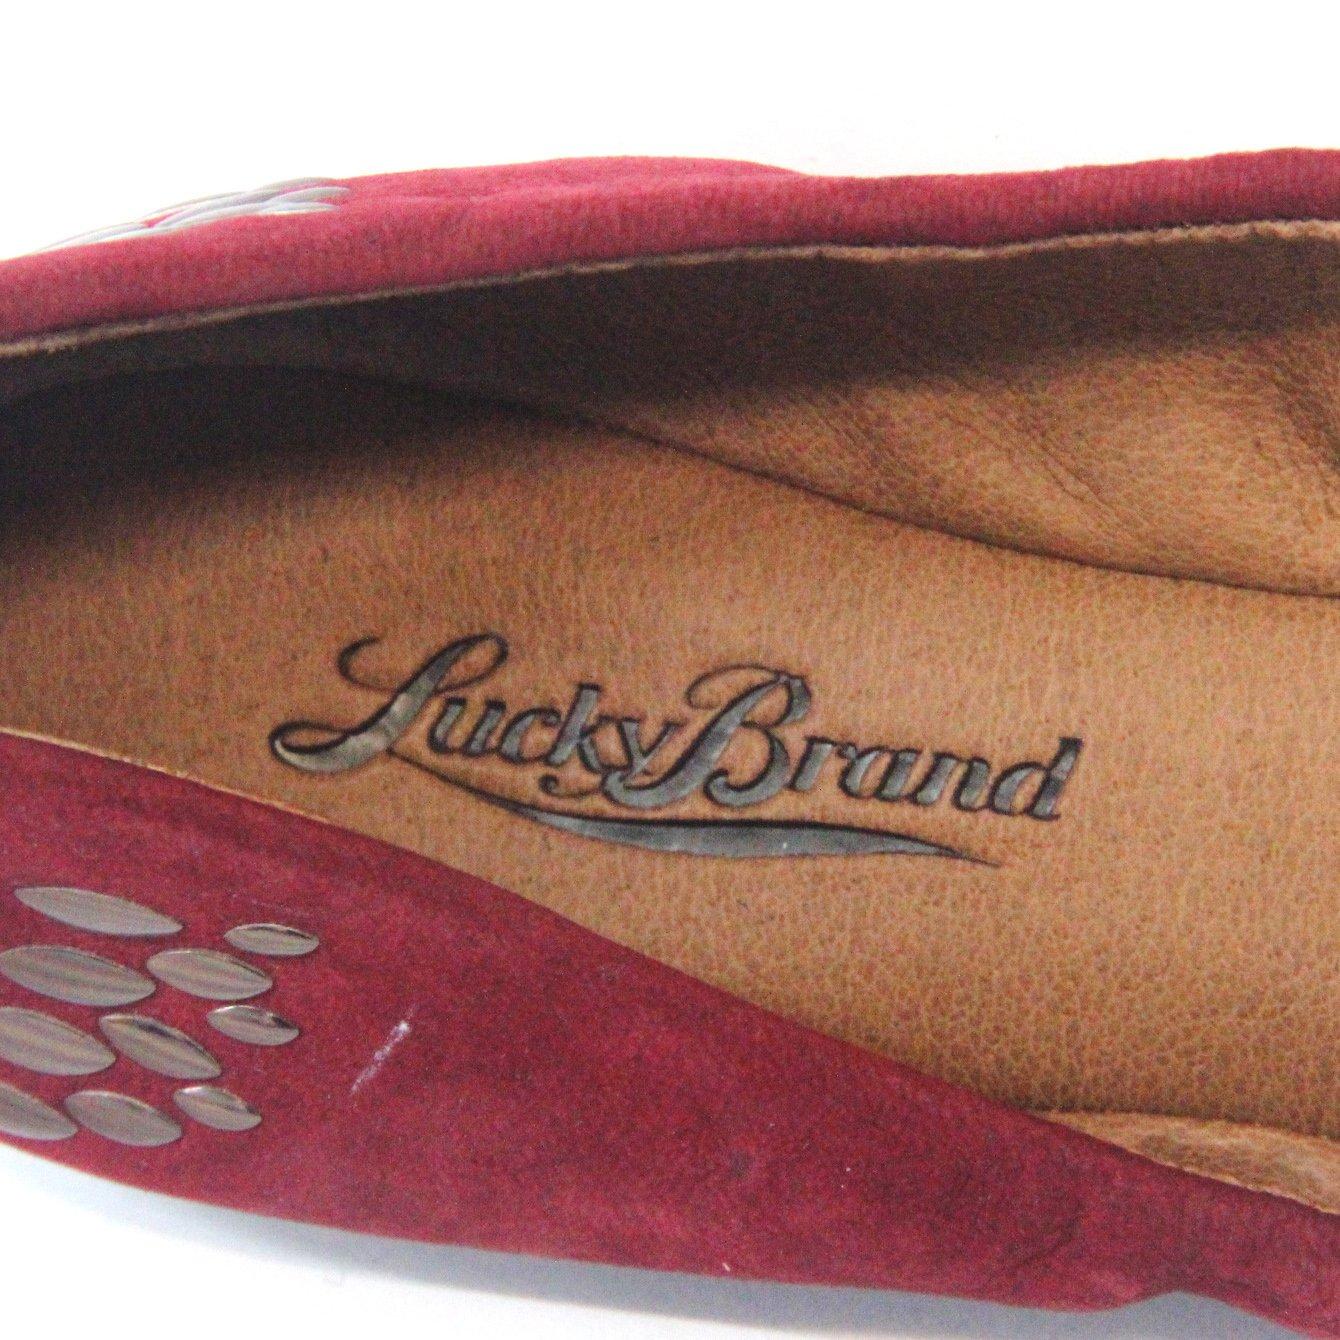 Lucky Brand Farbe: Pumps Größe 3, Ballerina, Farbe: Brand 68 901937